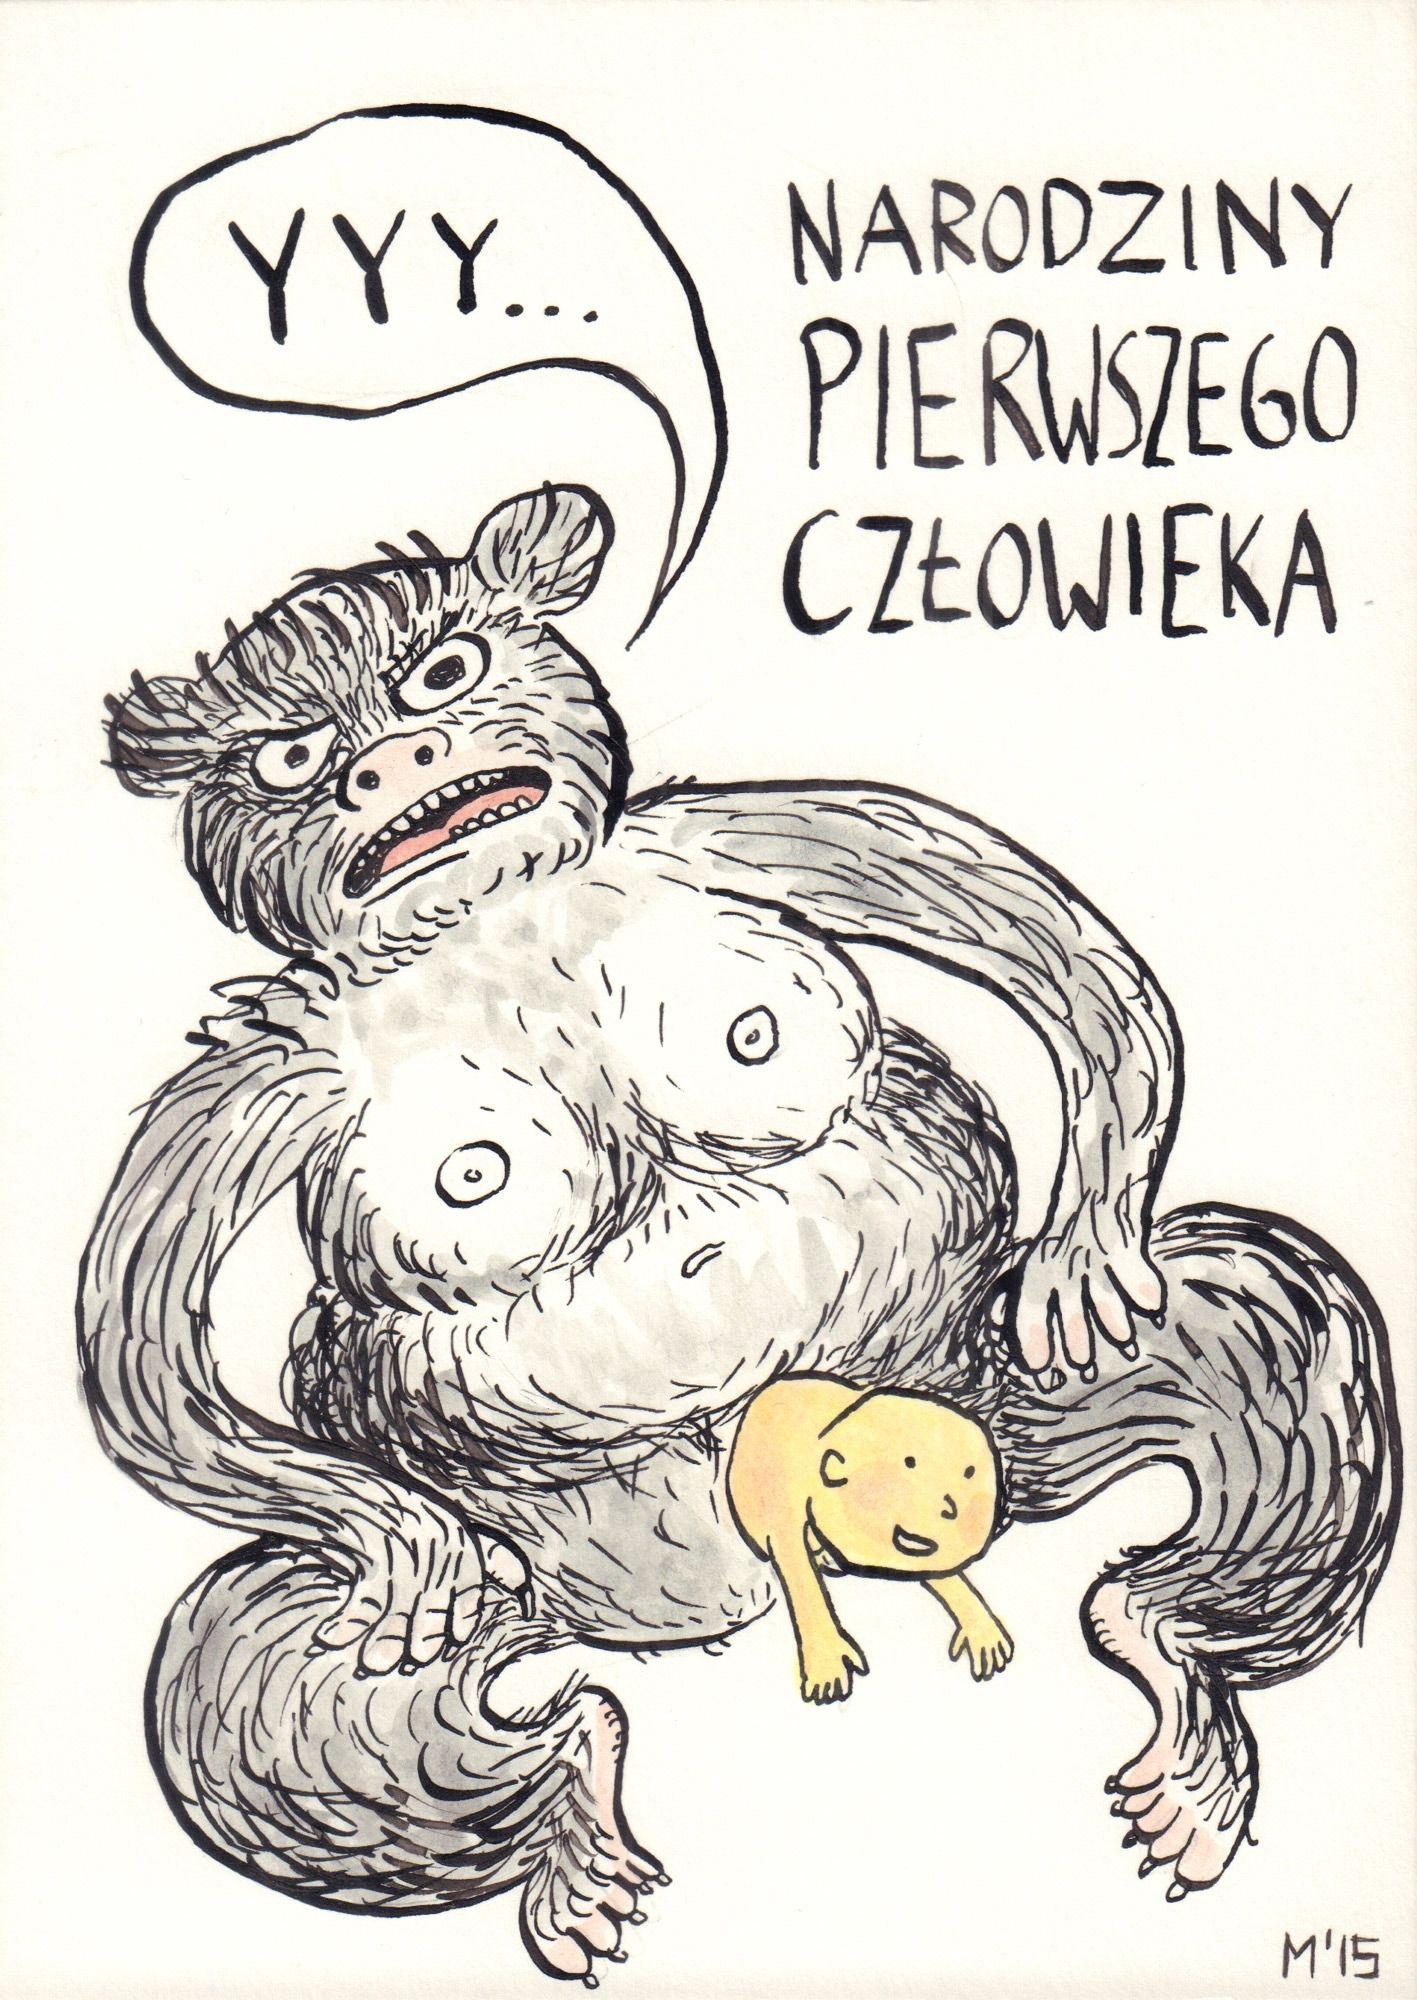 Narodziny pierwszego człowieka, z cyklu Naprawdę nieśmieszne rysunki